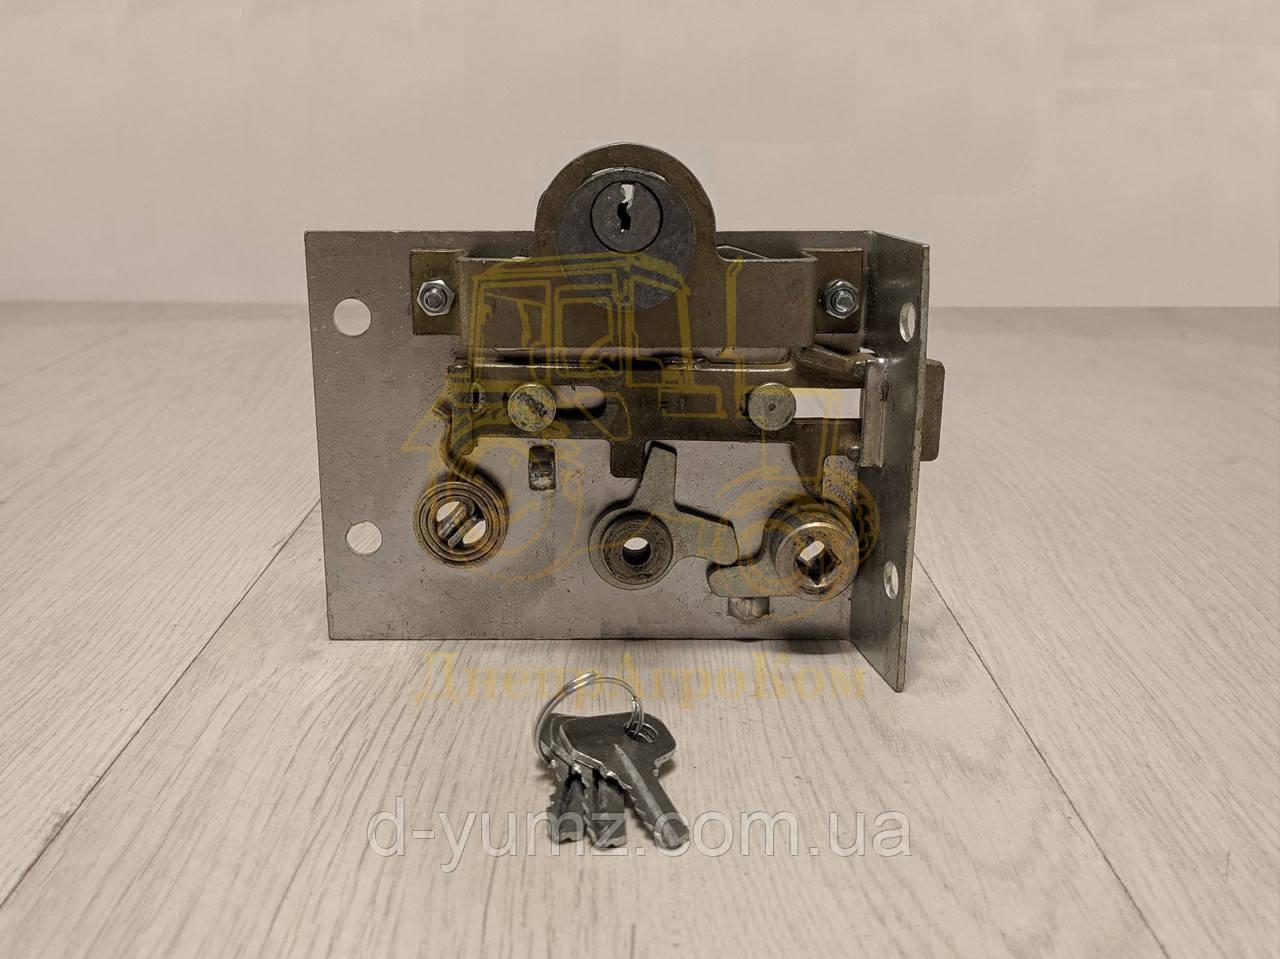 Замок з циліндровим механізмом двері лівою кабіни ЮМЗ (з ключем) 45-6709000 А1 СБ